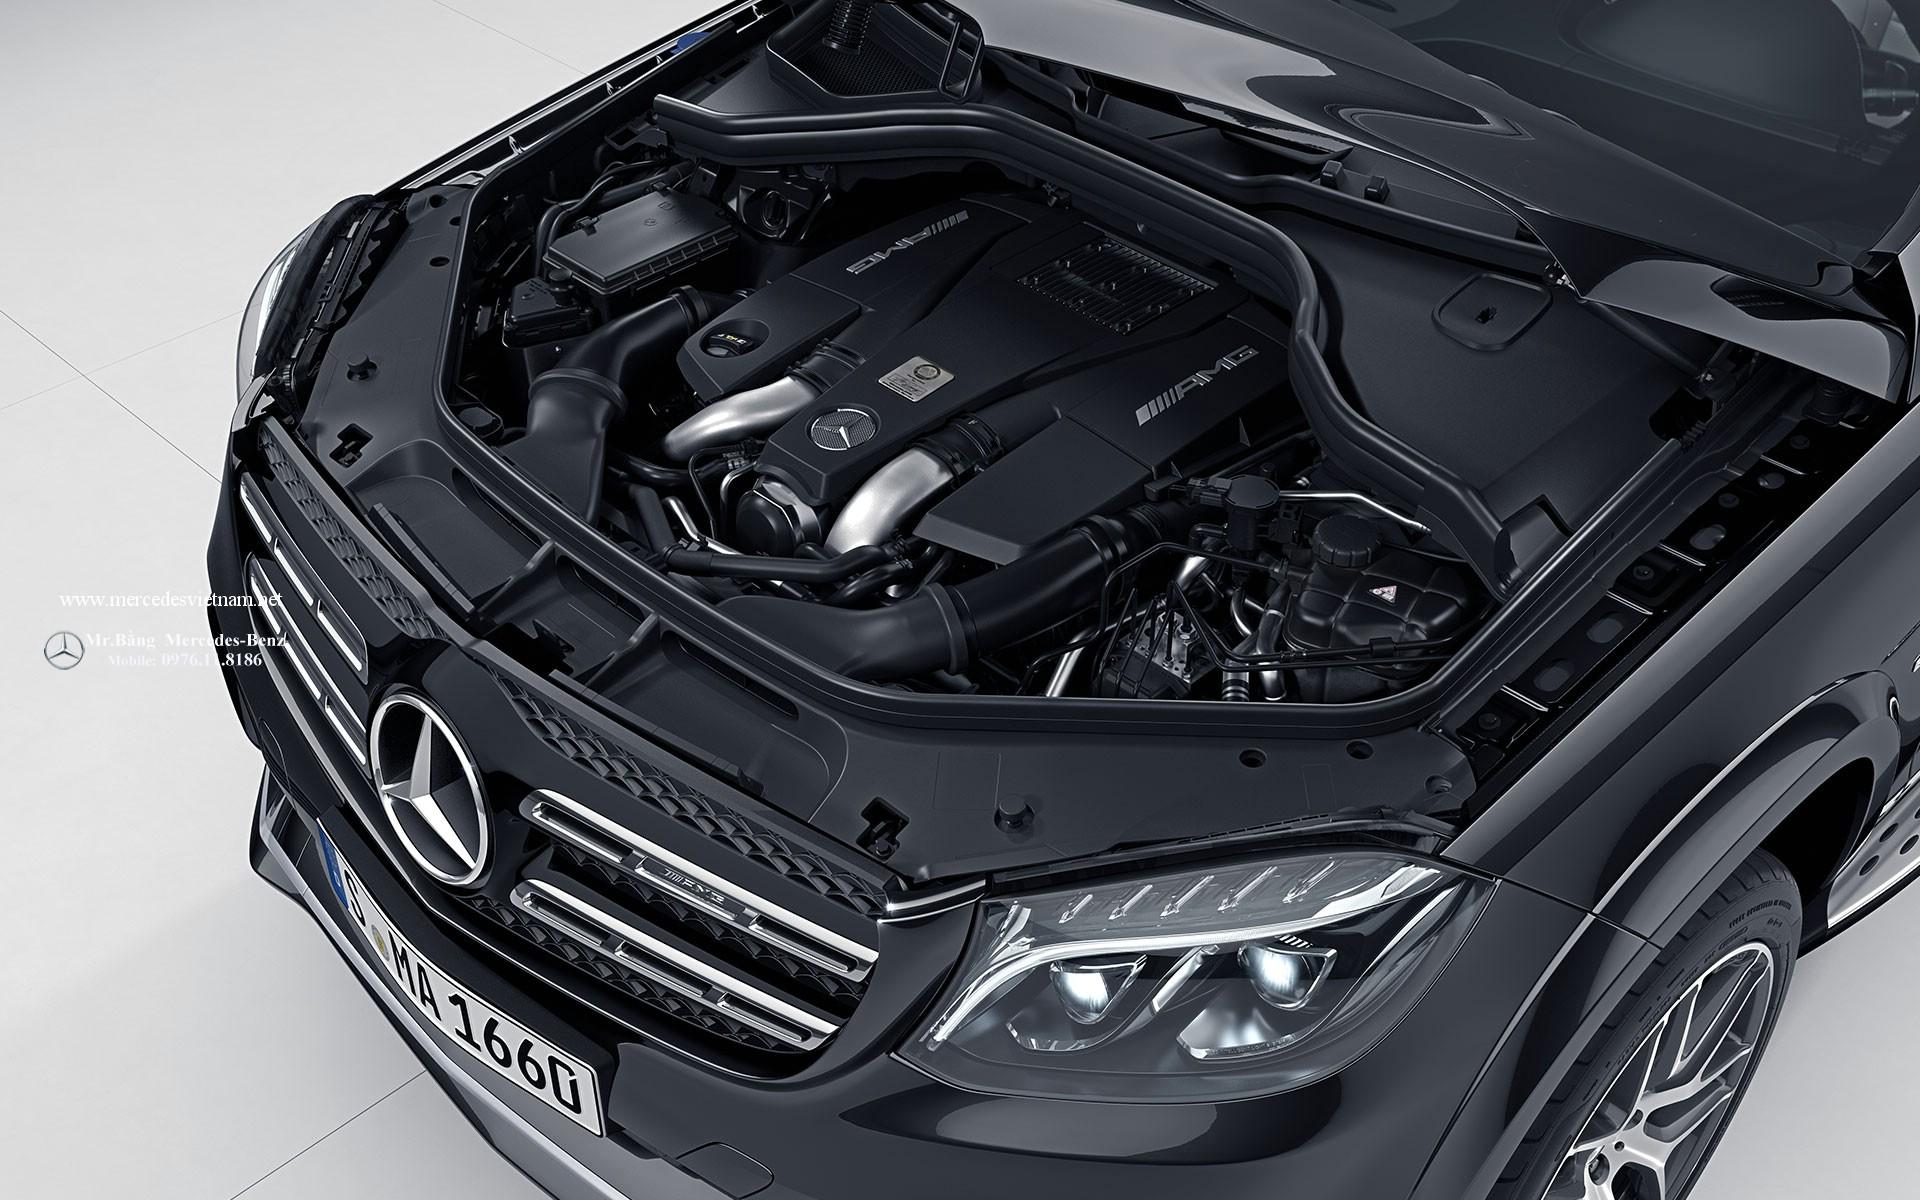 Mercedes AMG GLS 63 4Matic 2016 2017 (4)